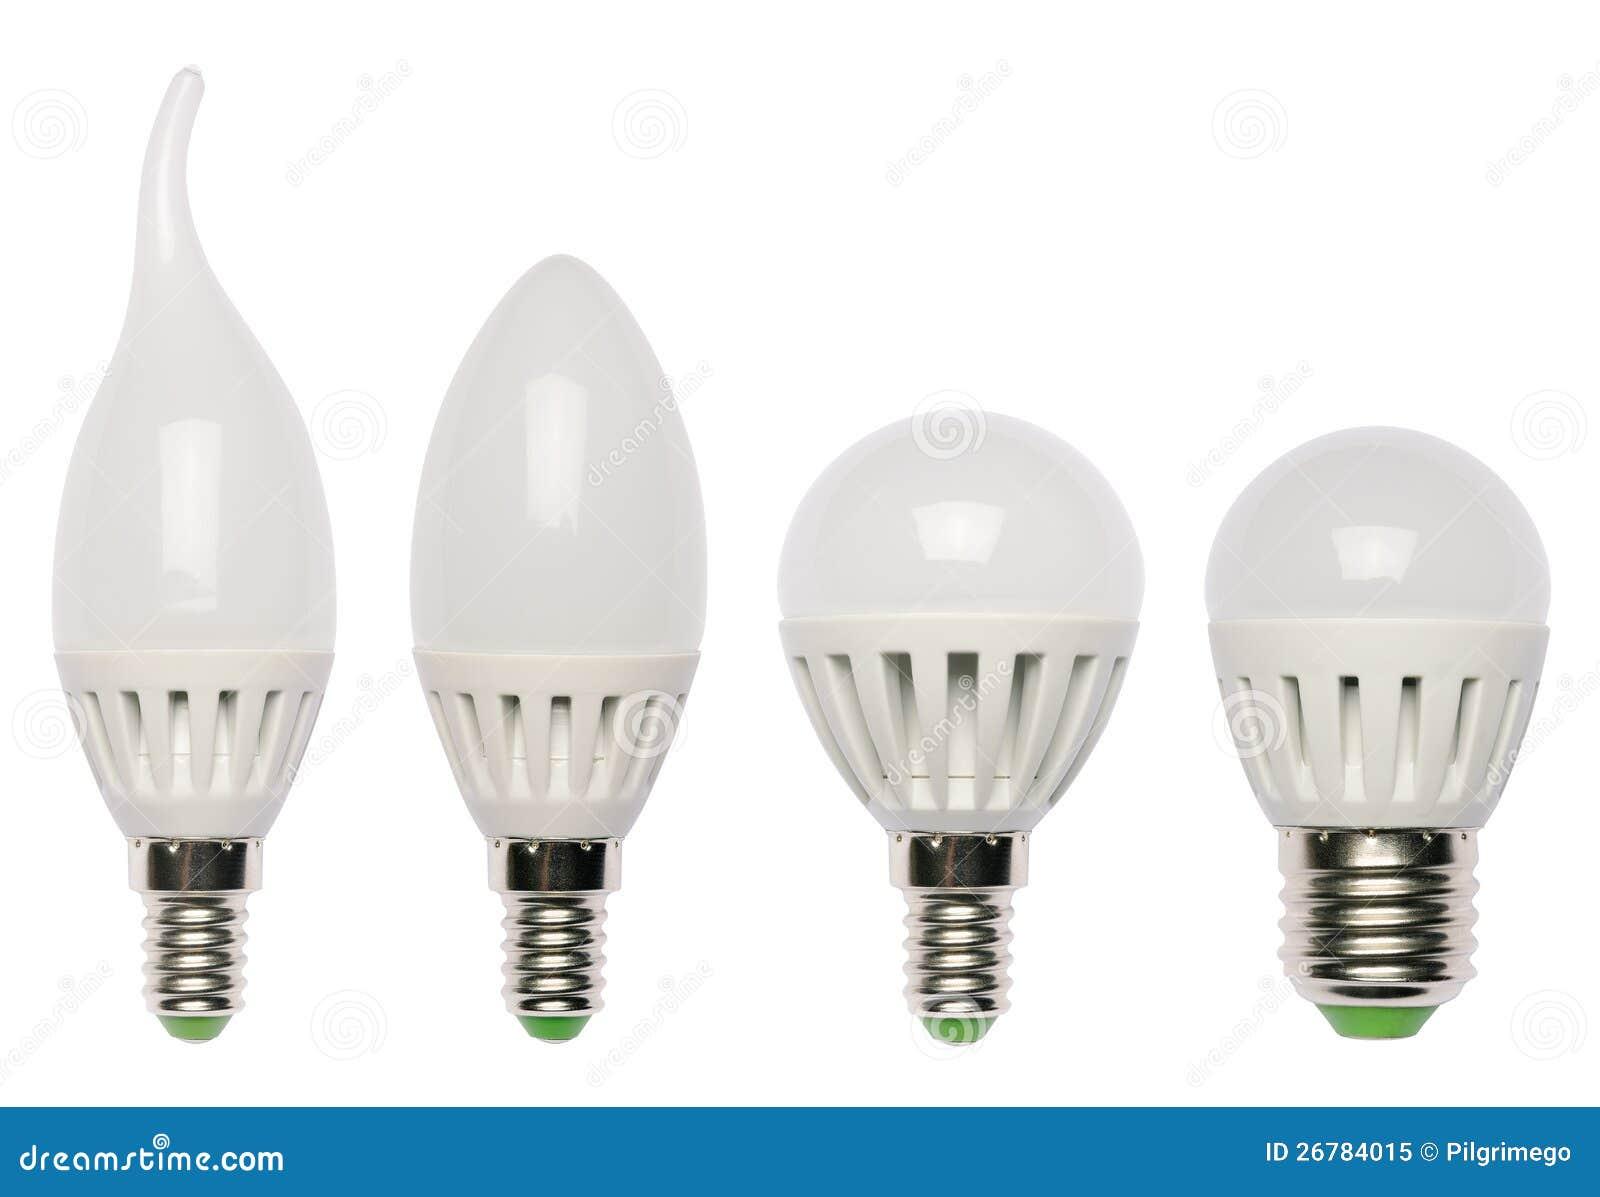 Led Energy Saving Bulb Light Emitting Diode Royalty Free Stock Photo Image 26784015